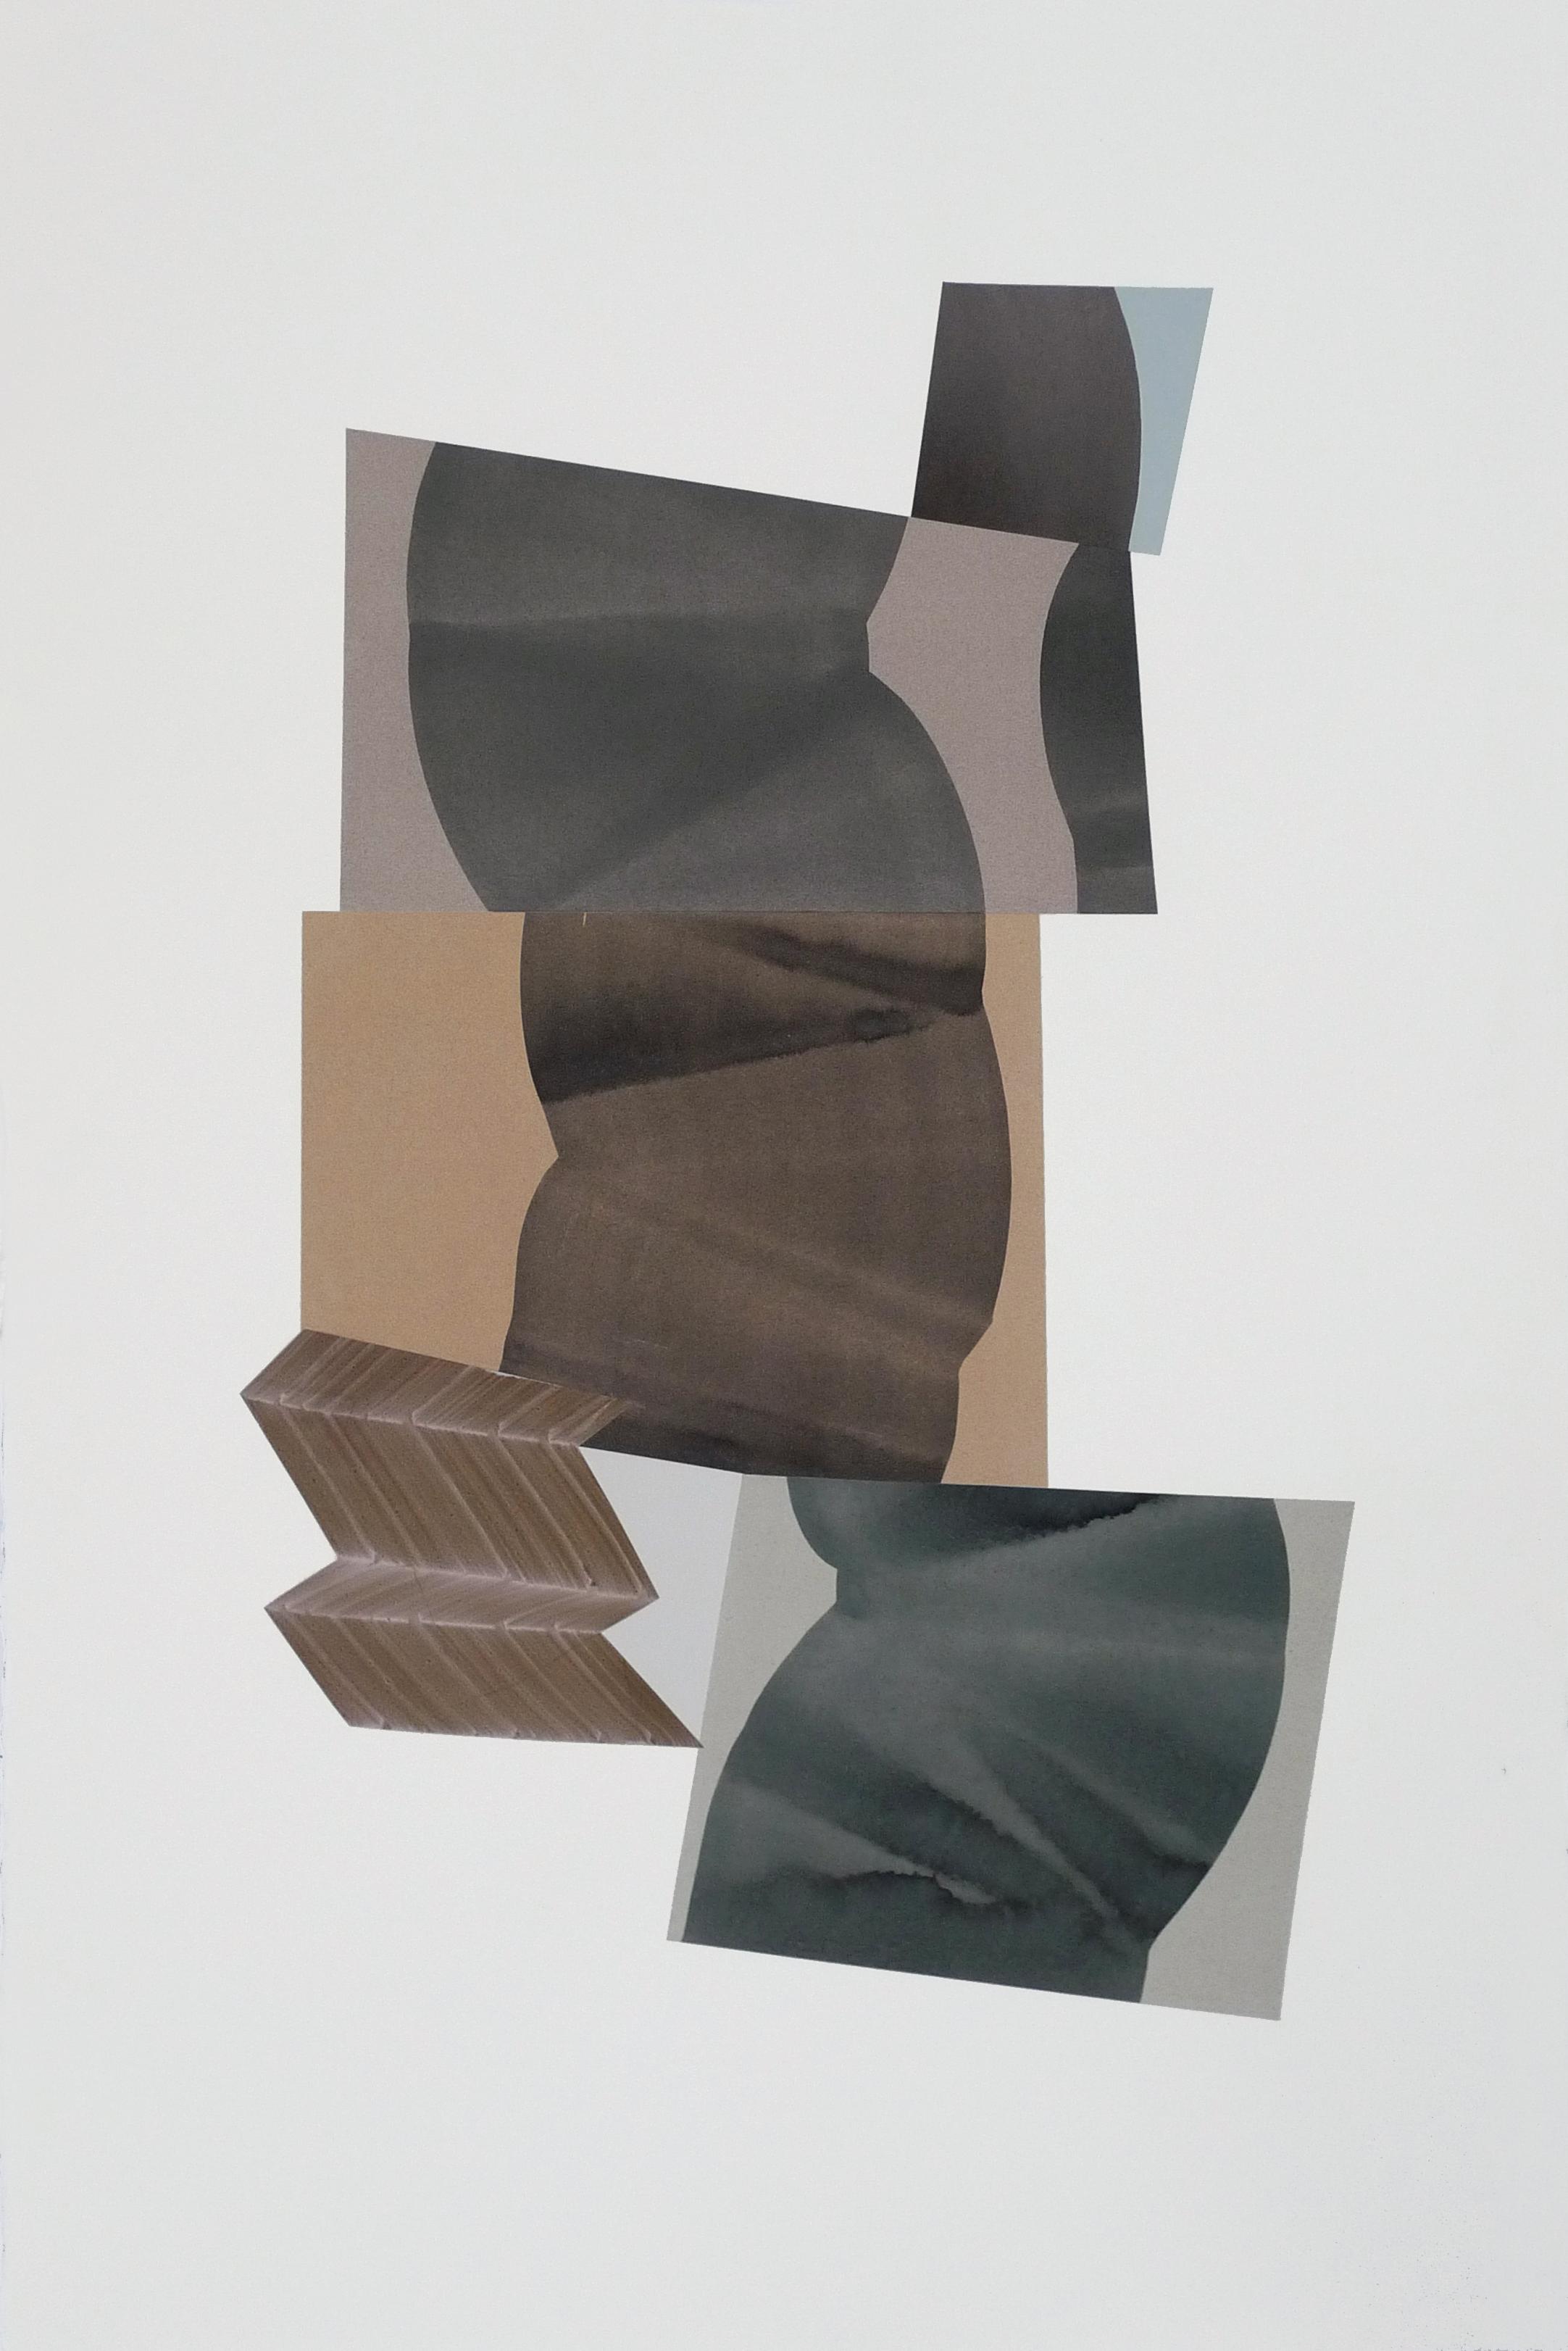 """Simone Rochon, Ombres souples no. 3 , 2017, collage, encre acrylique sur papier Waterford,40"""" x 26"""" (102 x 66 cm)."""